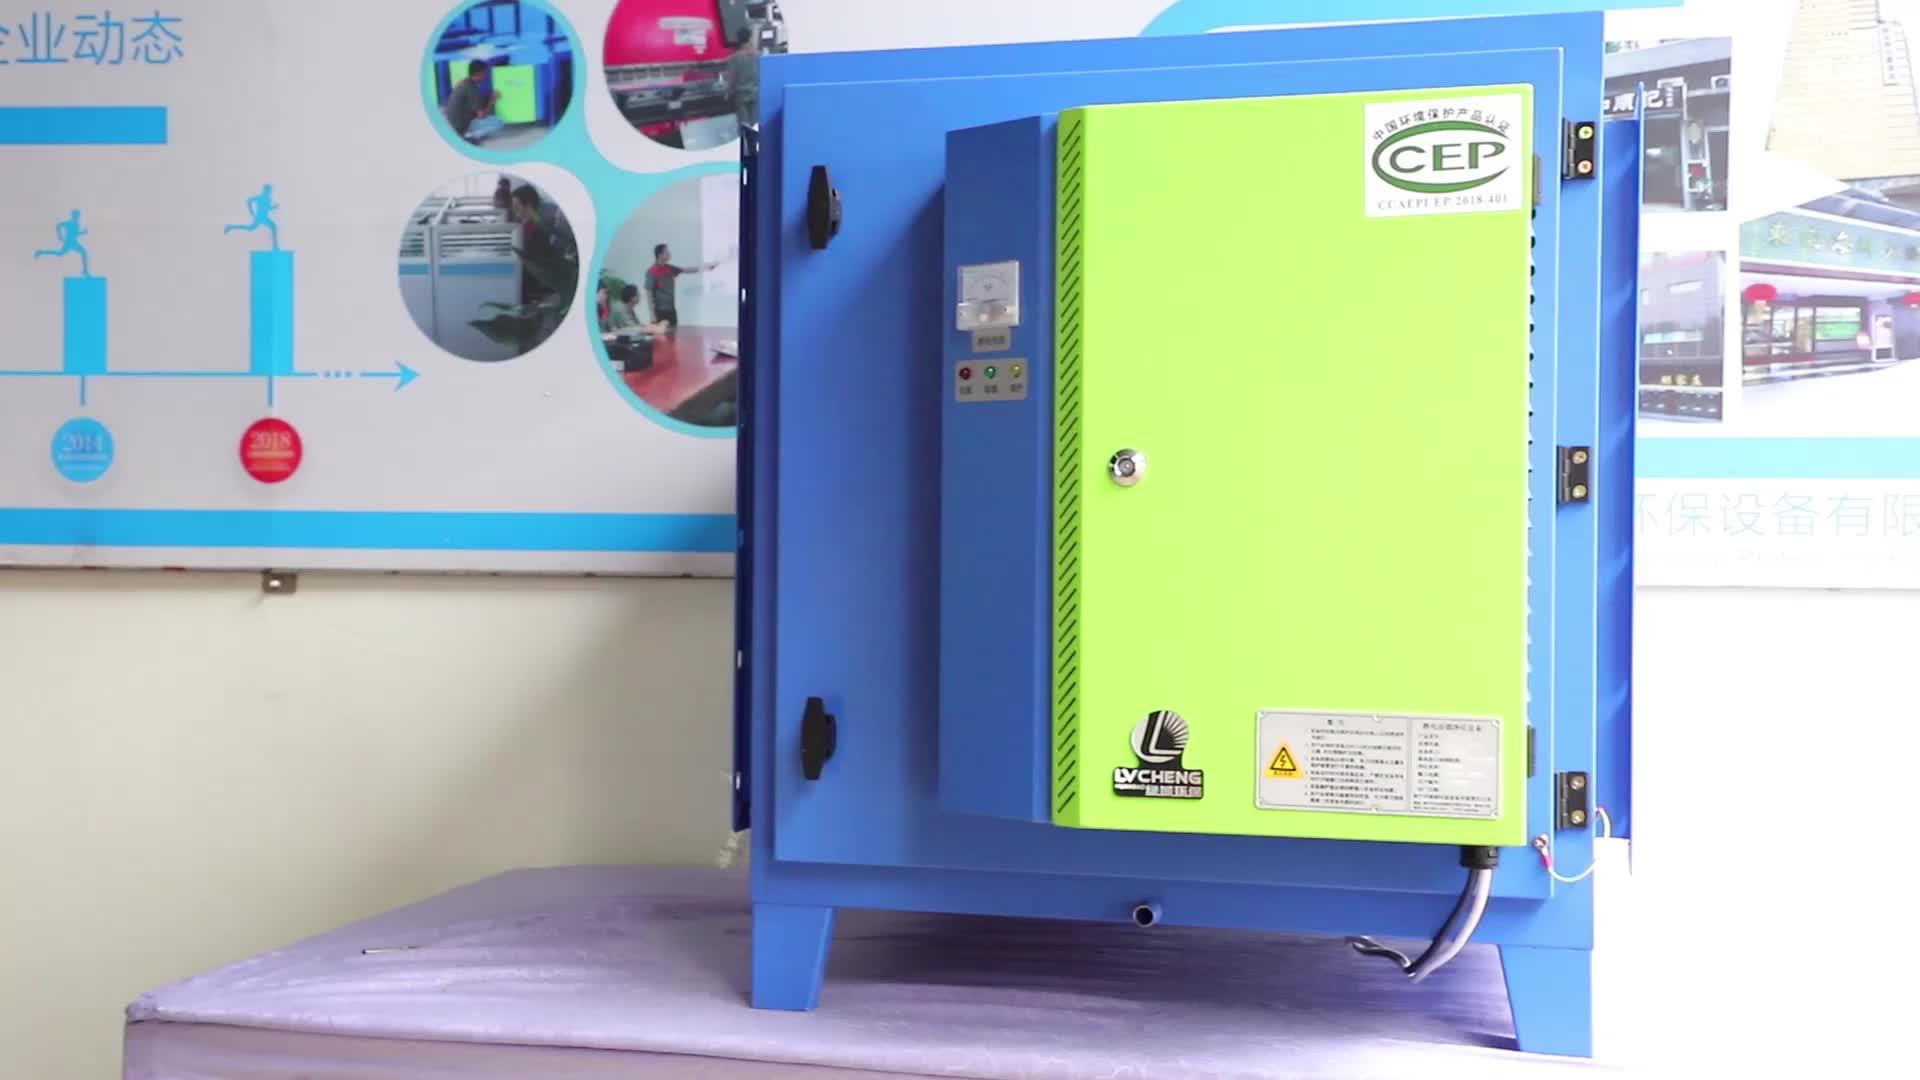 静電エアクリーナーヒュームガススクラバーシステム静電集塵機espエアスクラバー